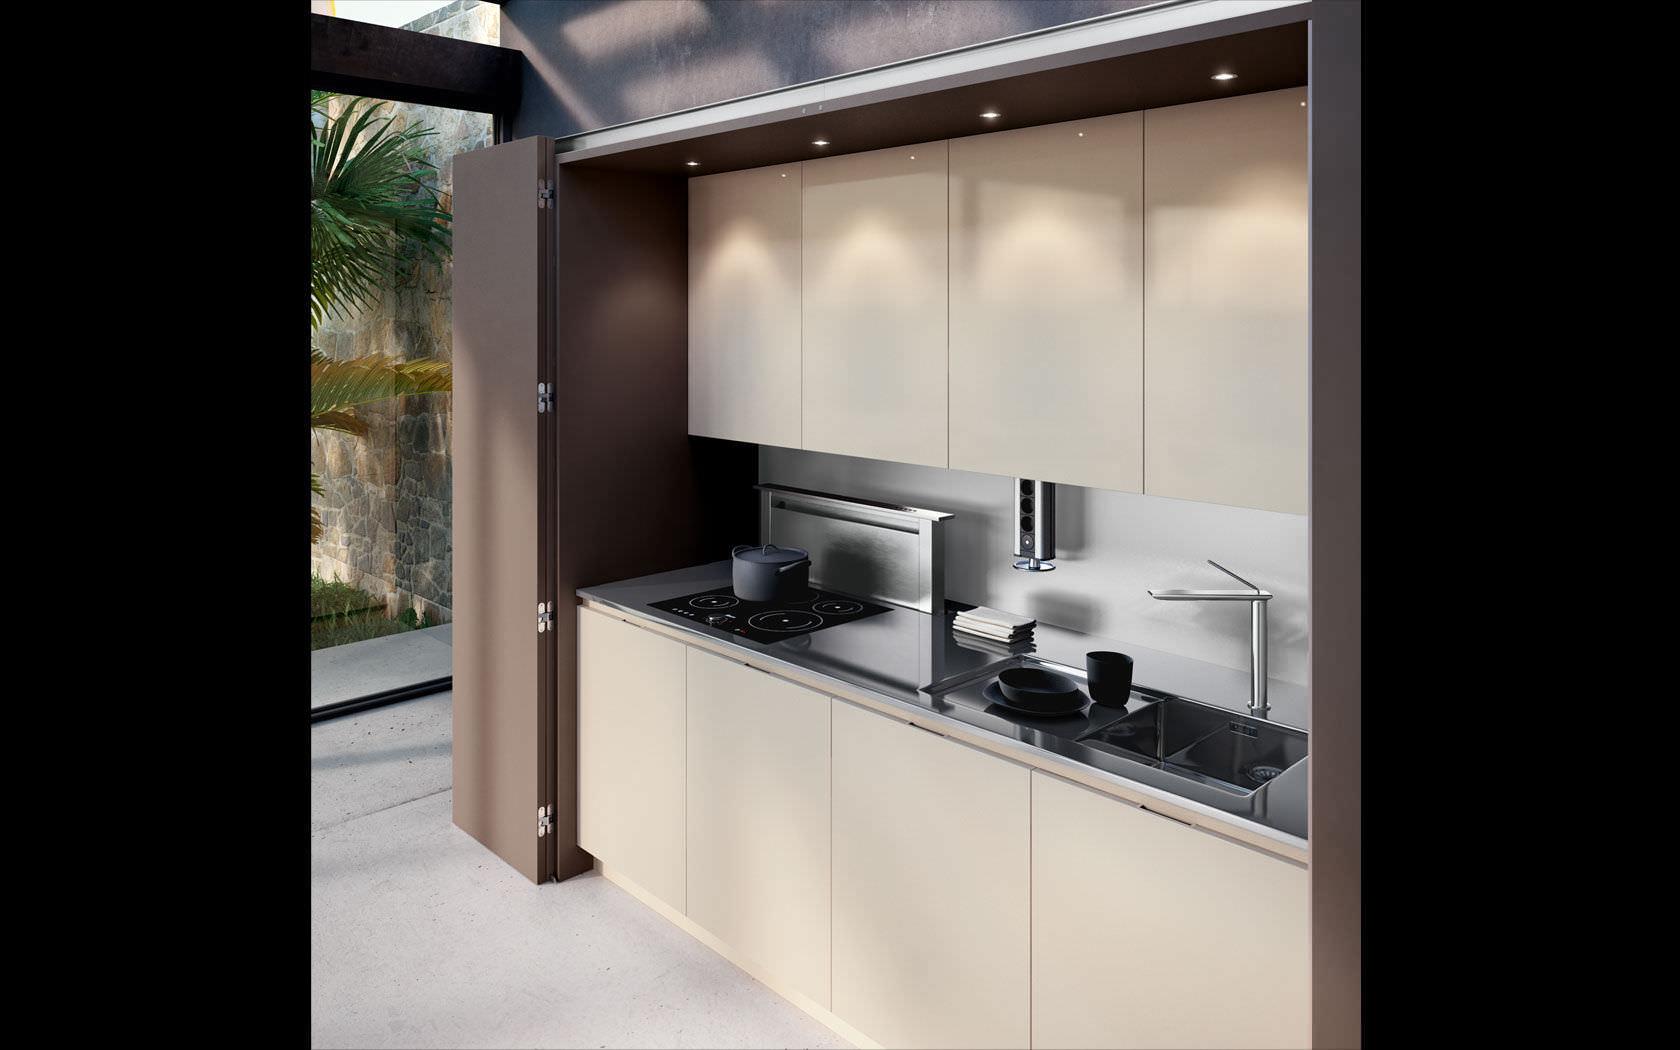 cucina moderna in legno a scomparsa metamorphosis lineaquattro